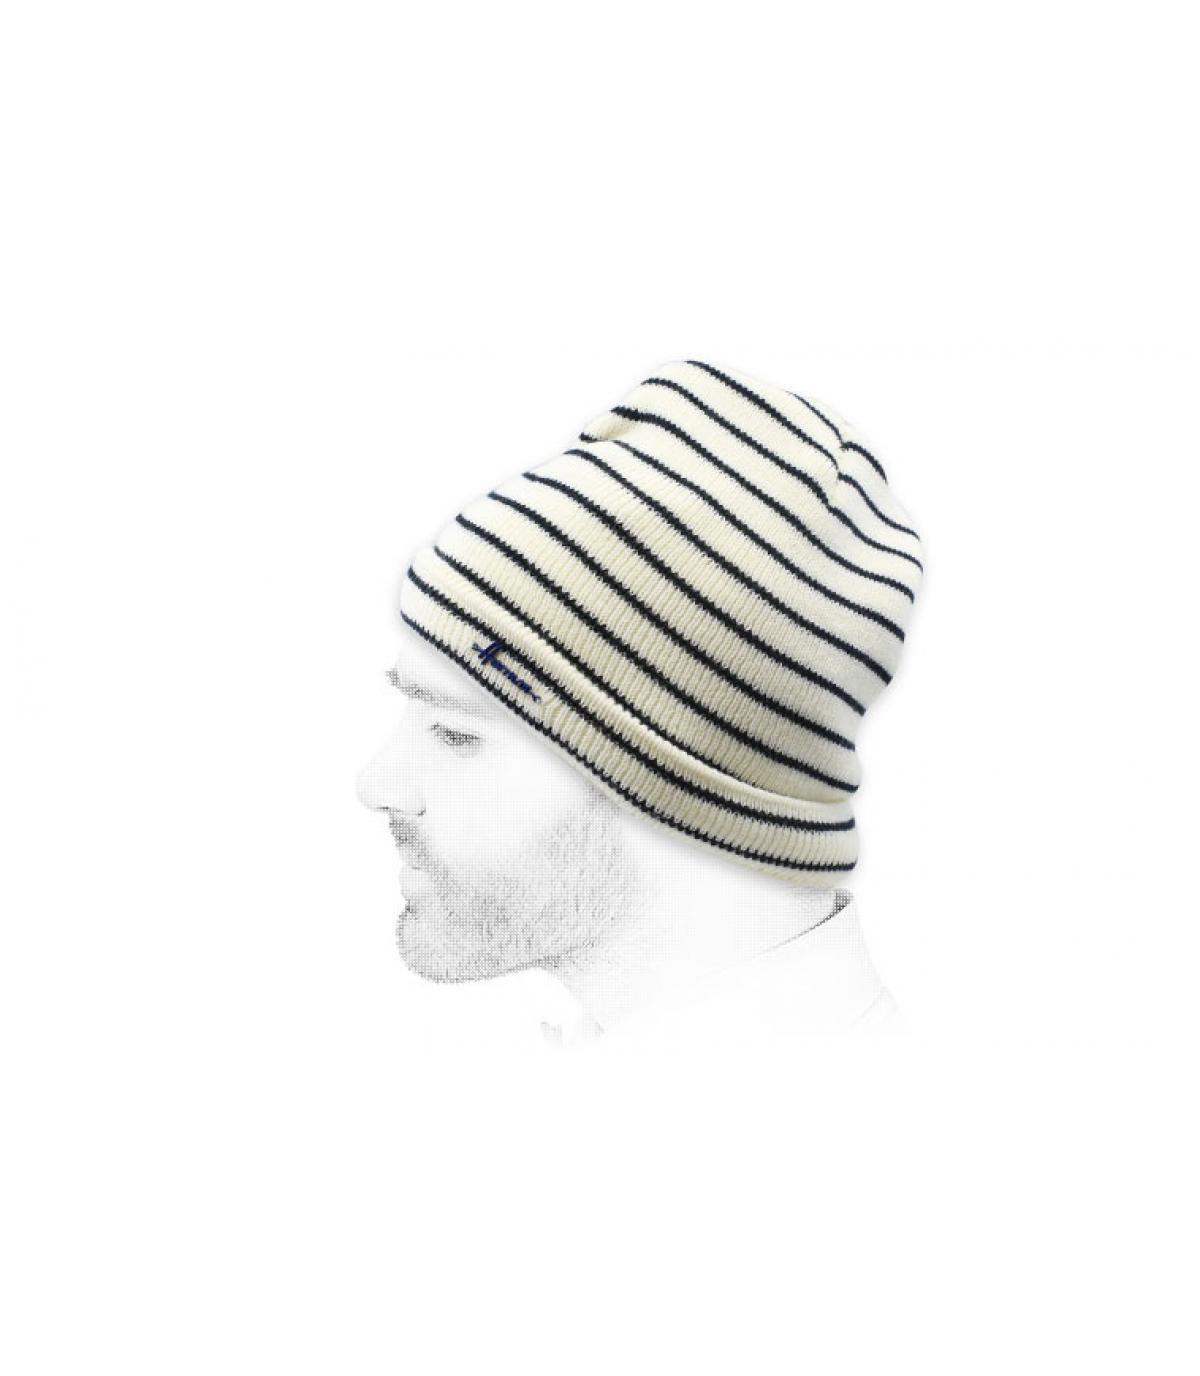 Mütze schwarz weiß gestreift